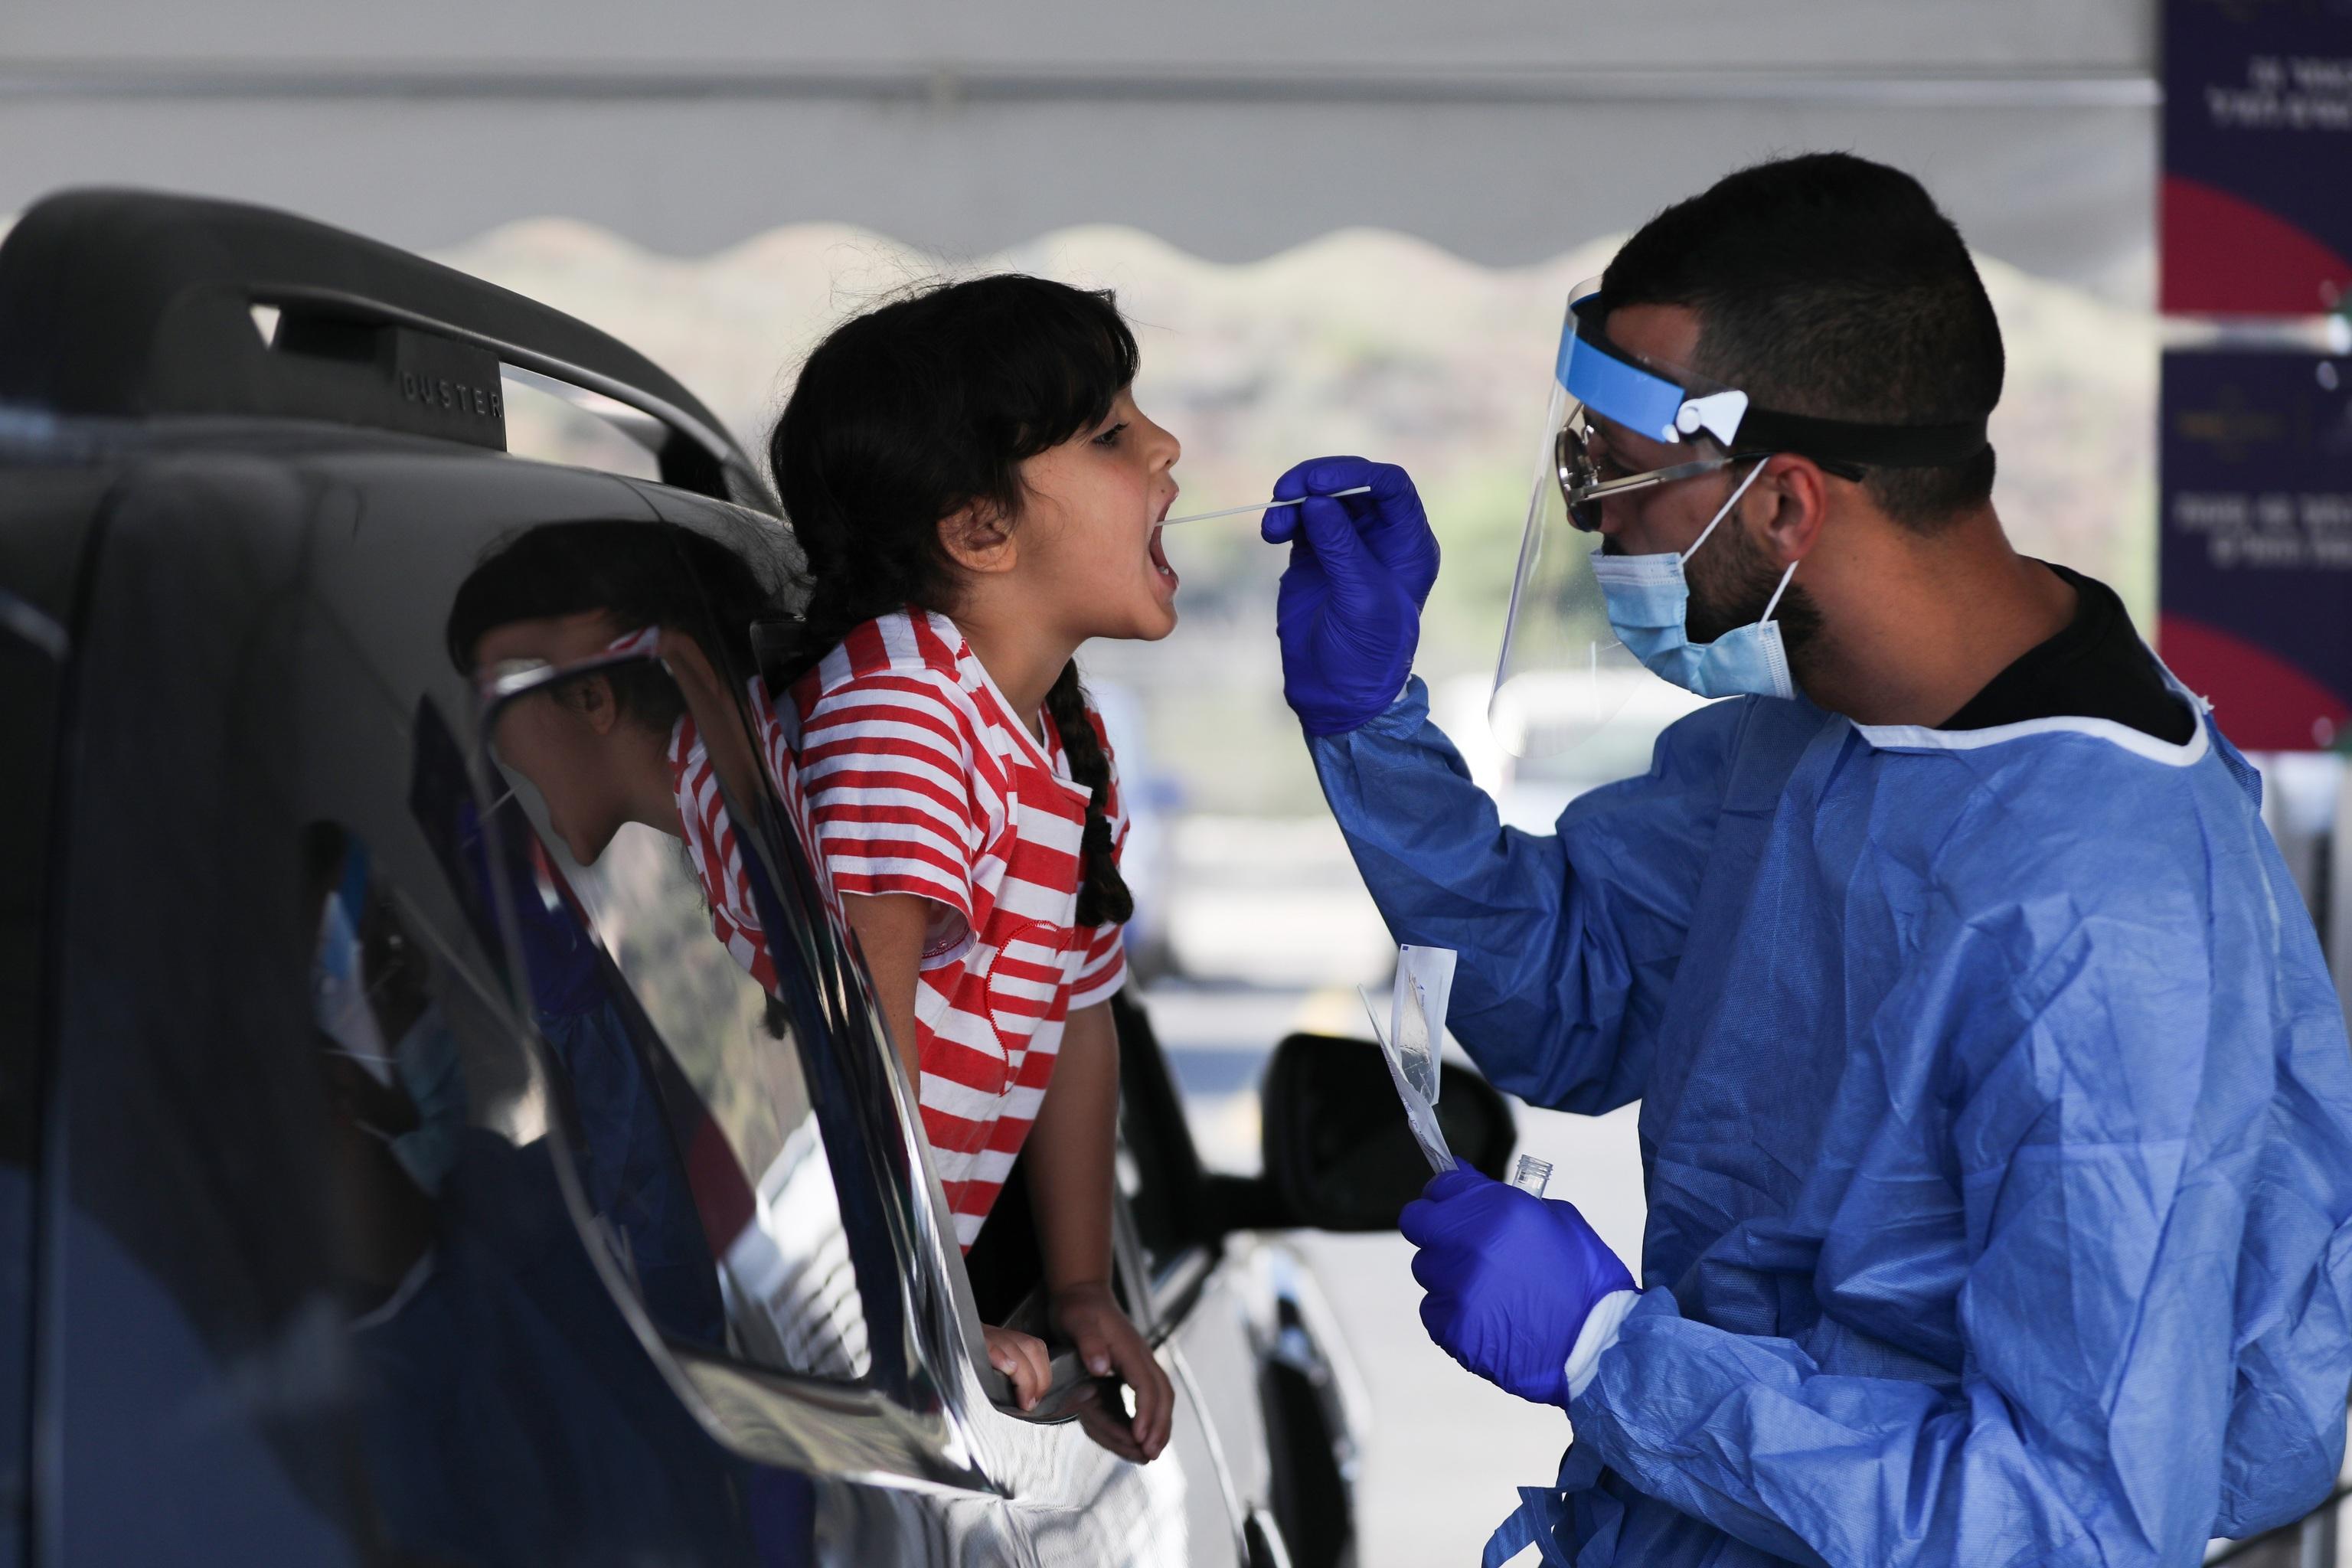 Un profesional sanitario recoge una muestra de saliva para un test Covid en un coche.